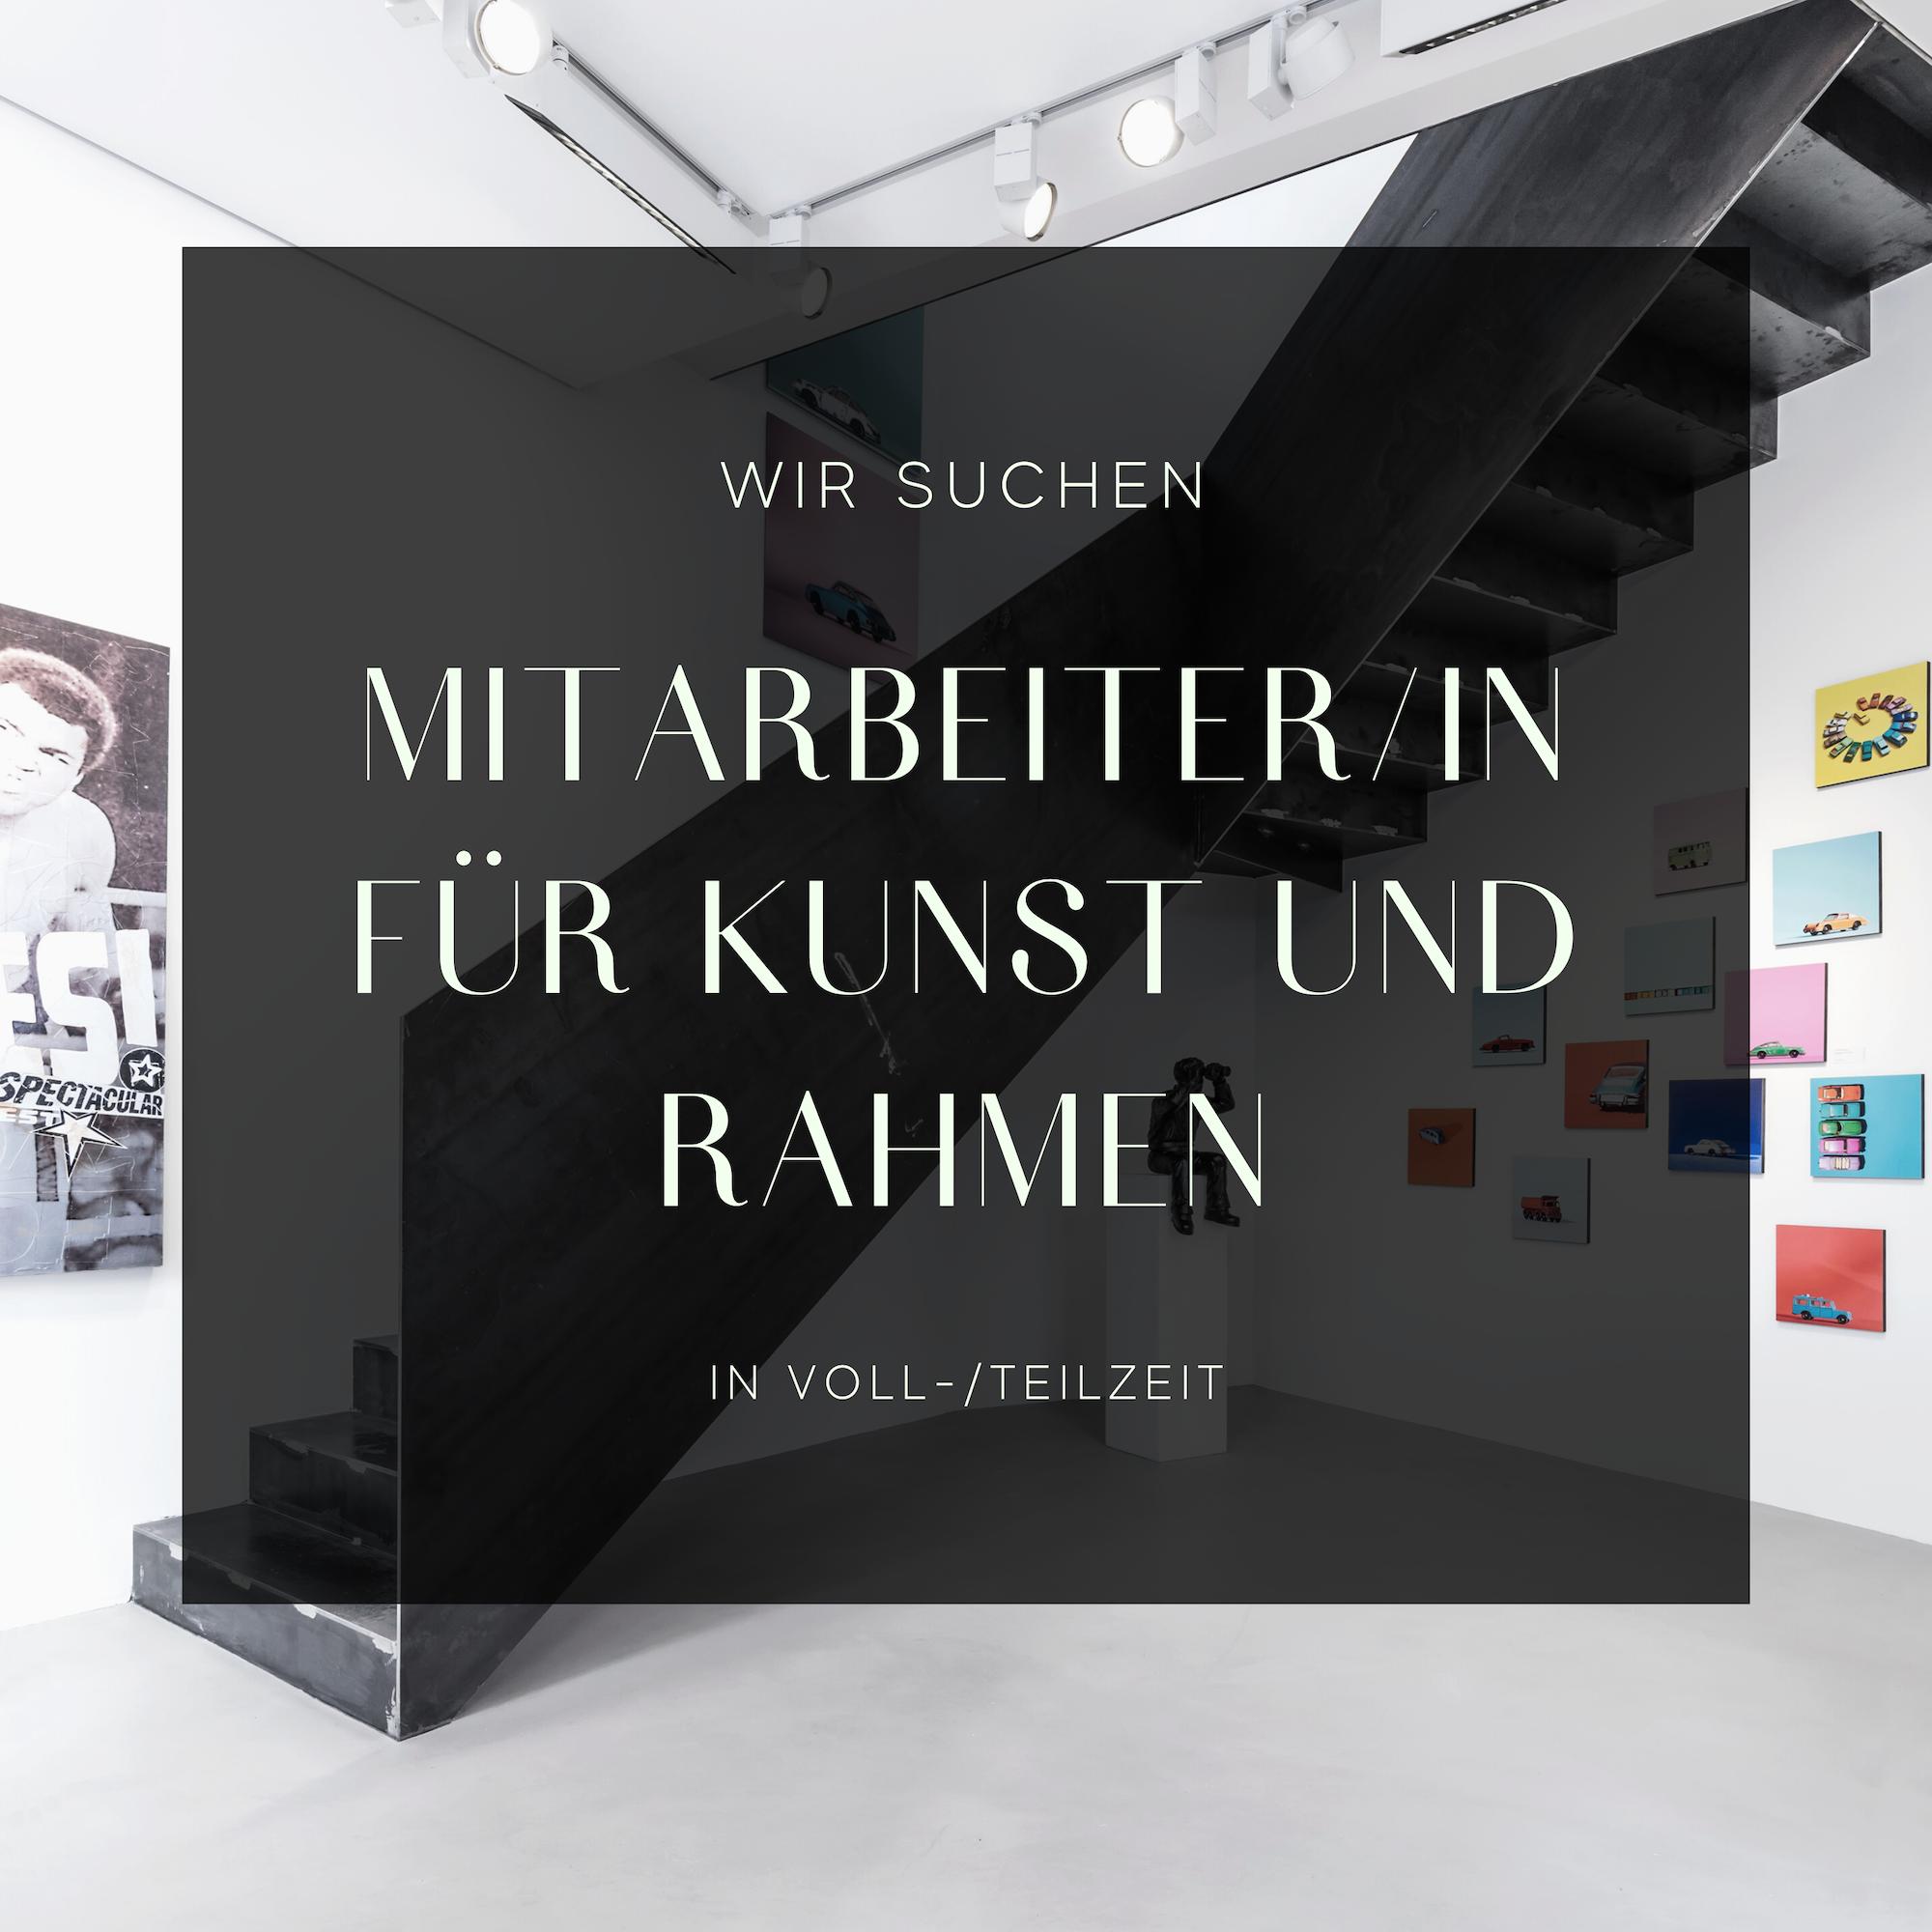 Mitarbeiter Kunst Rahmen Nürnberg